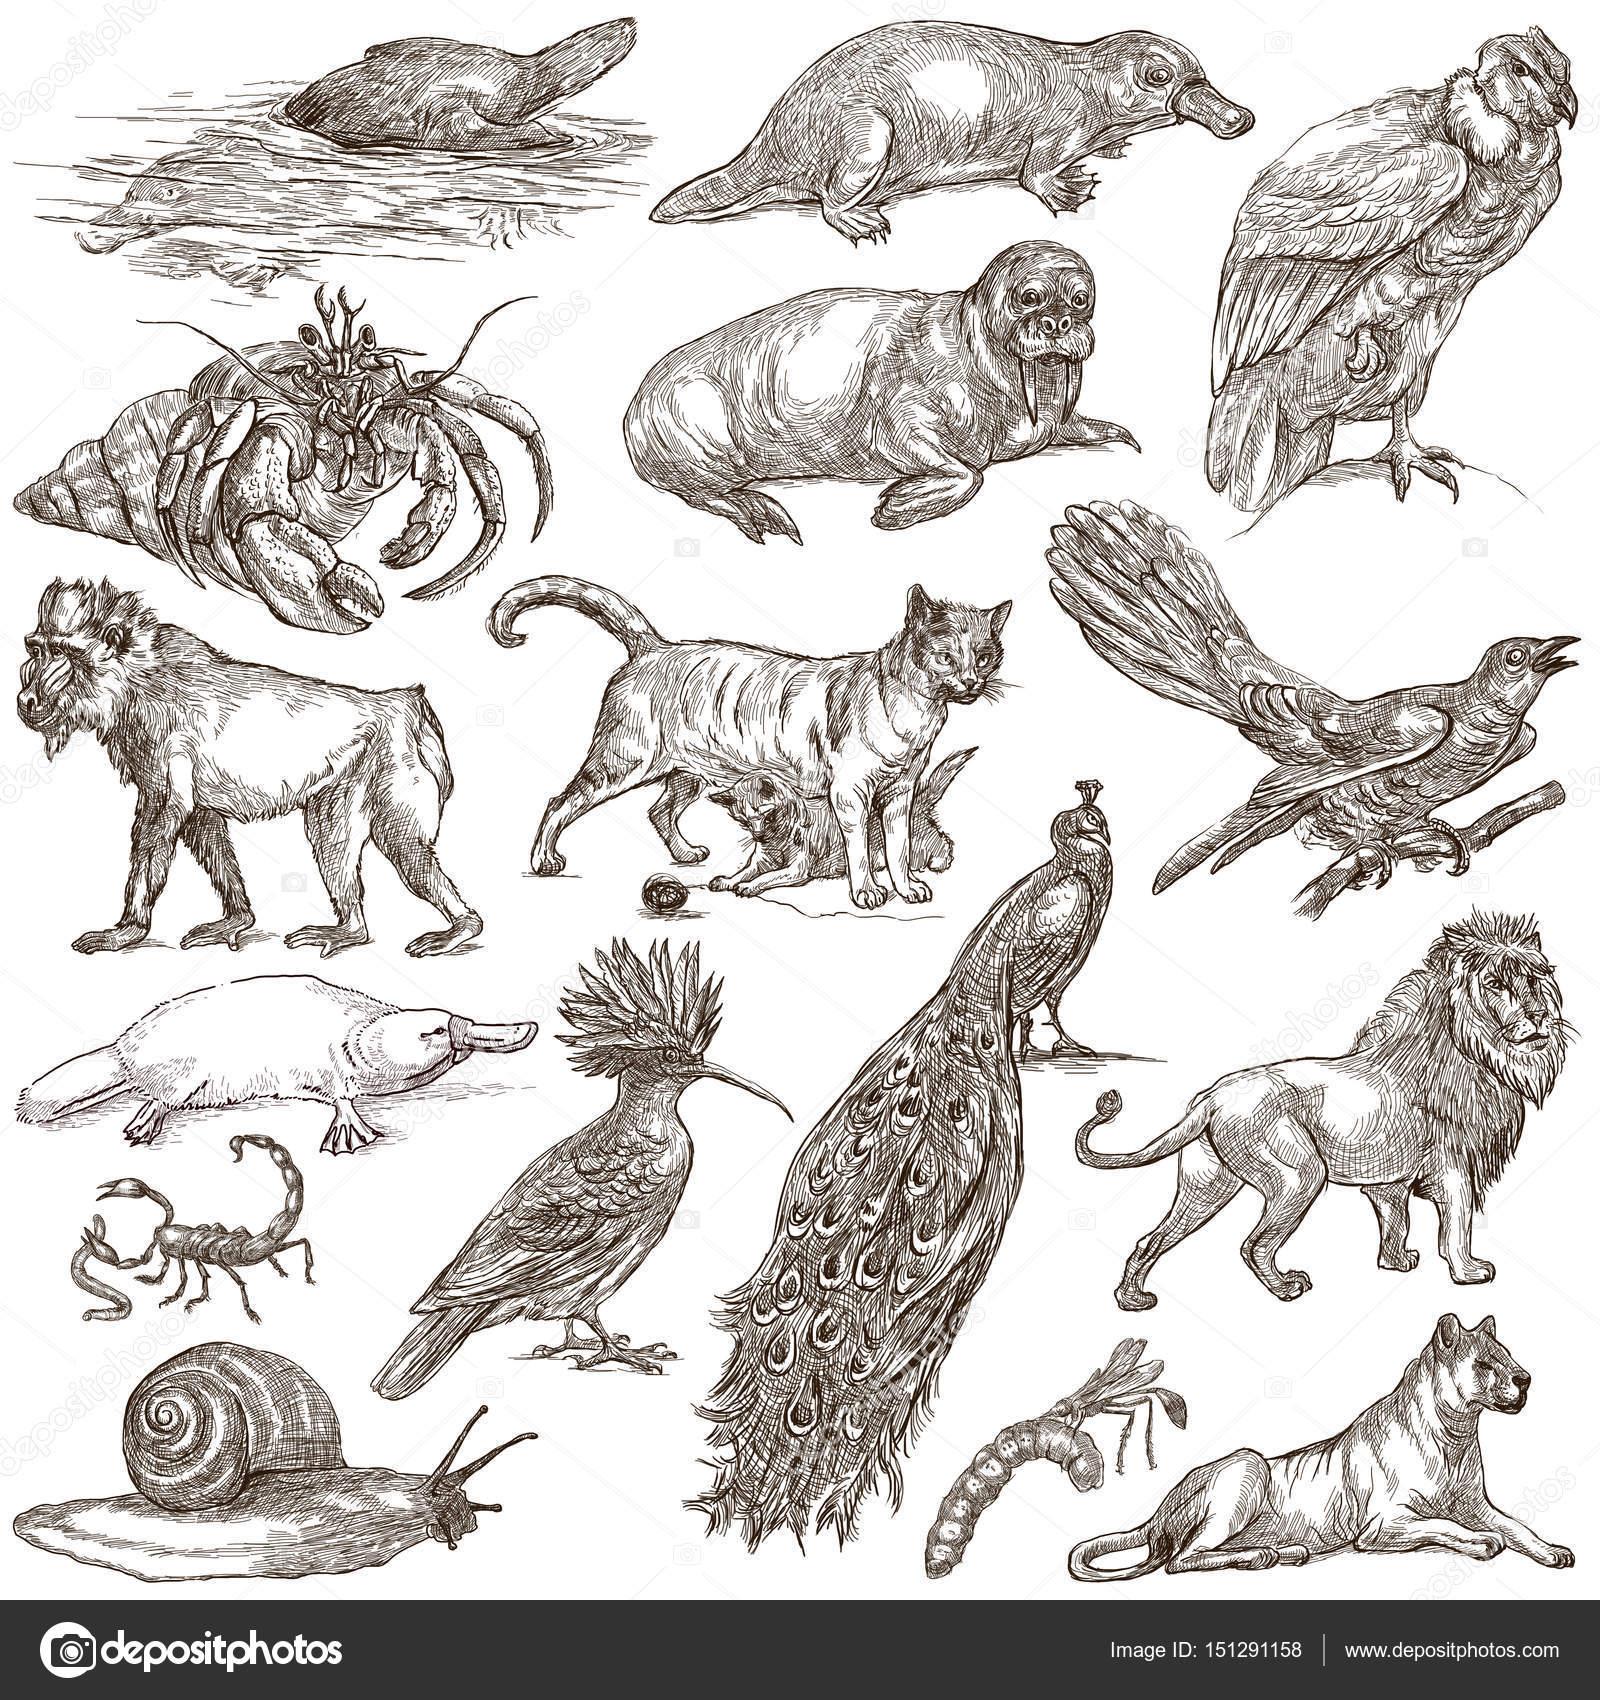 世界各地的动物.手绘插图的集合.手绘草图.艺术线条.